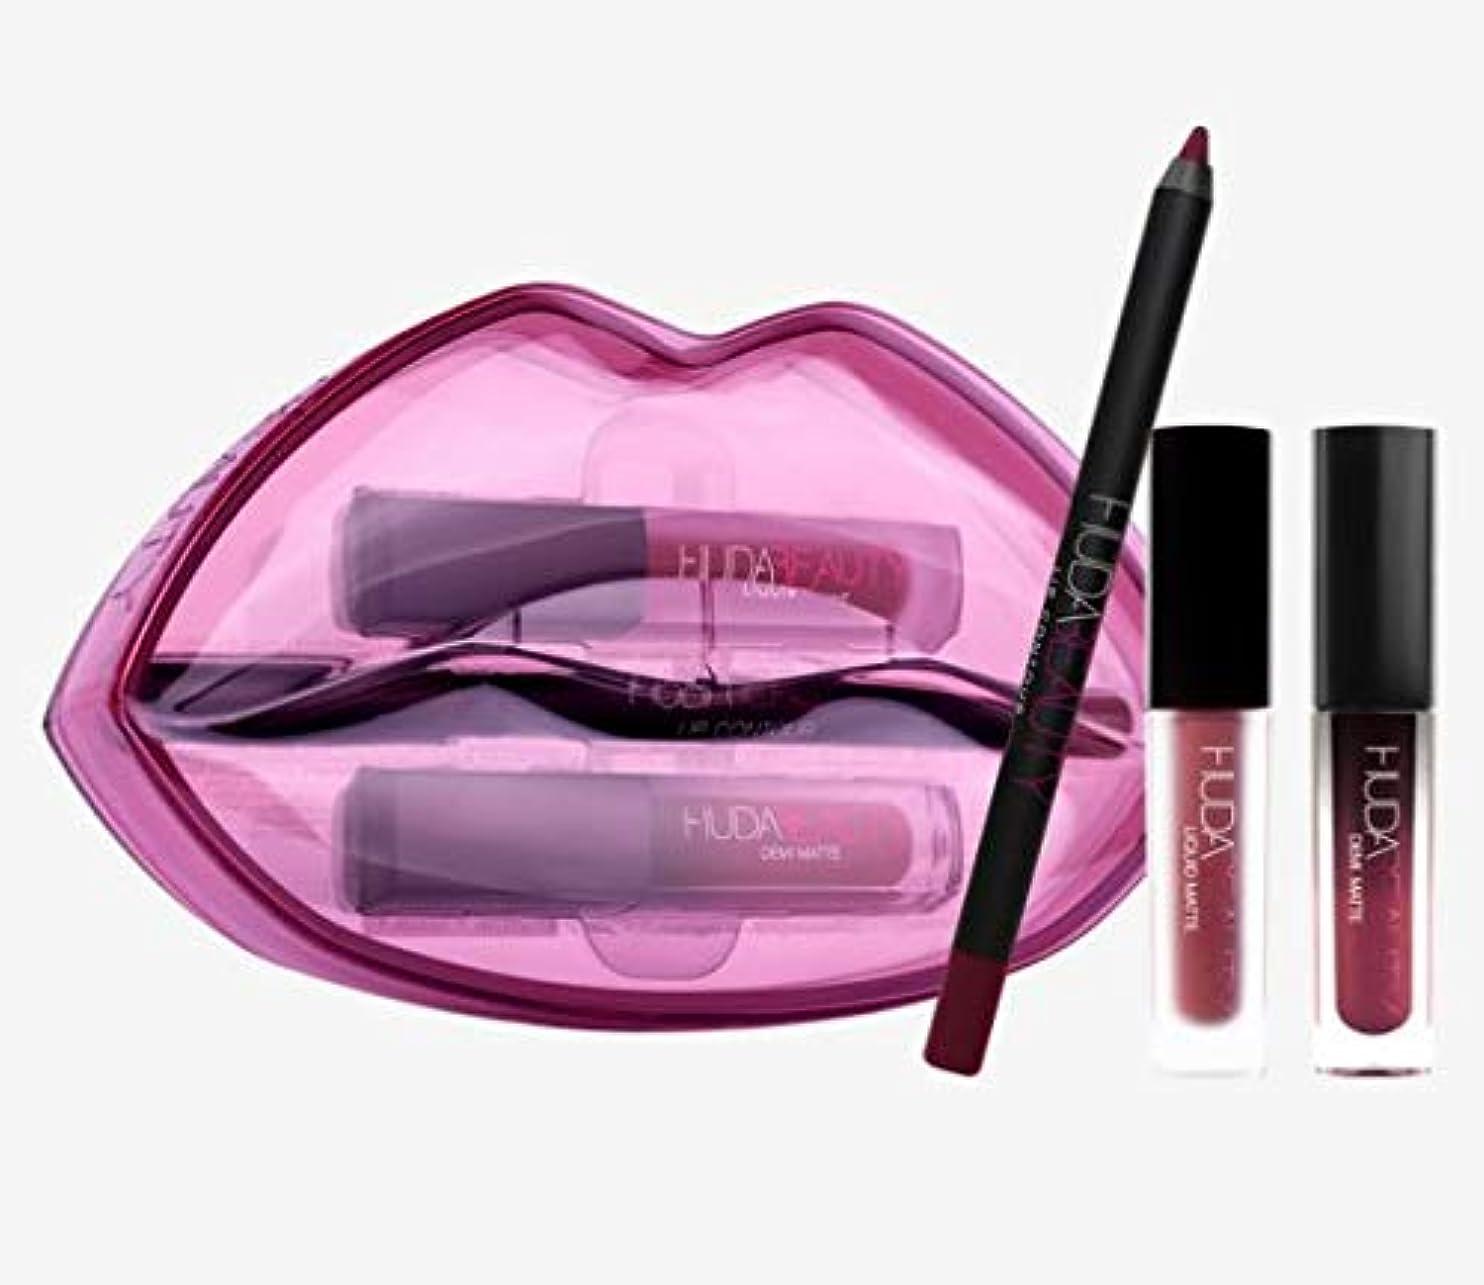 負担快適ポーターHudabeauty Matte & Cream Lip Set Bawse & Famous リップセット マットリップ